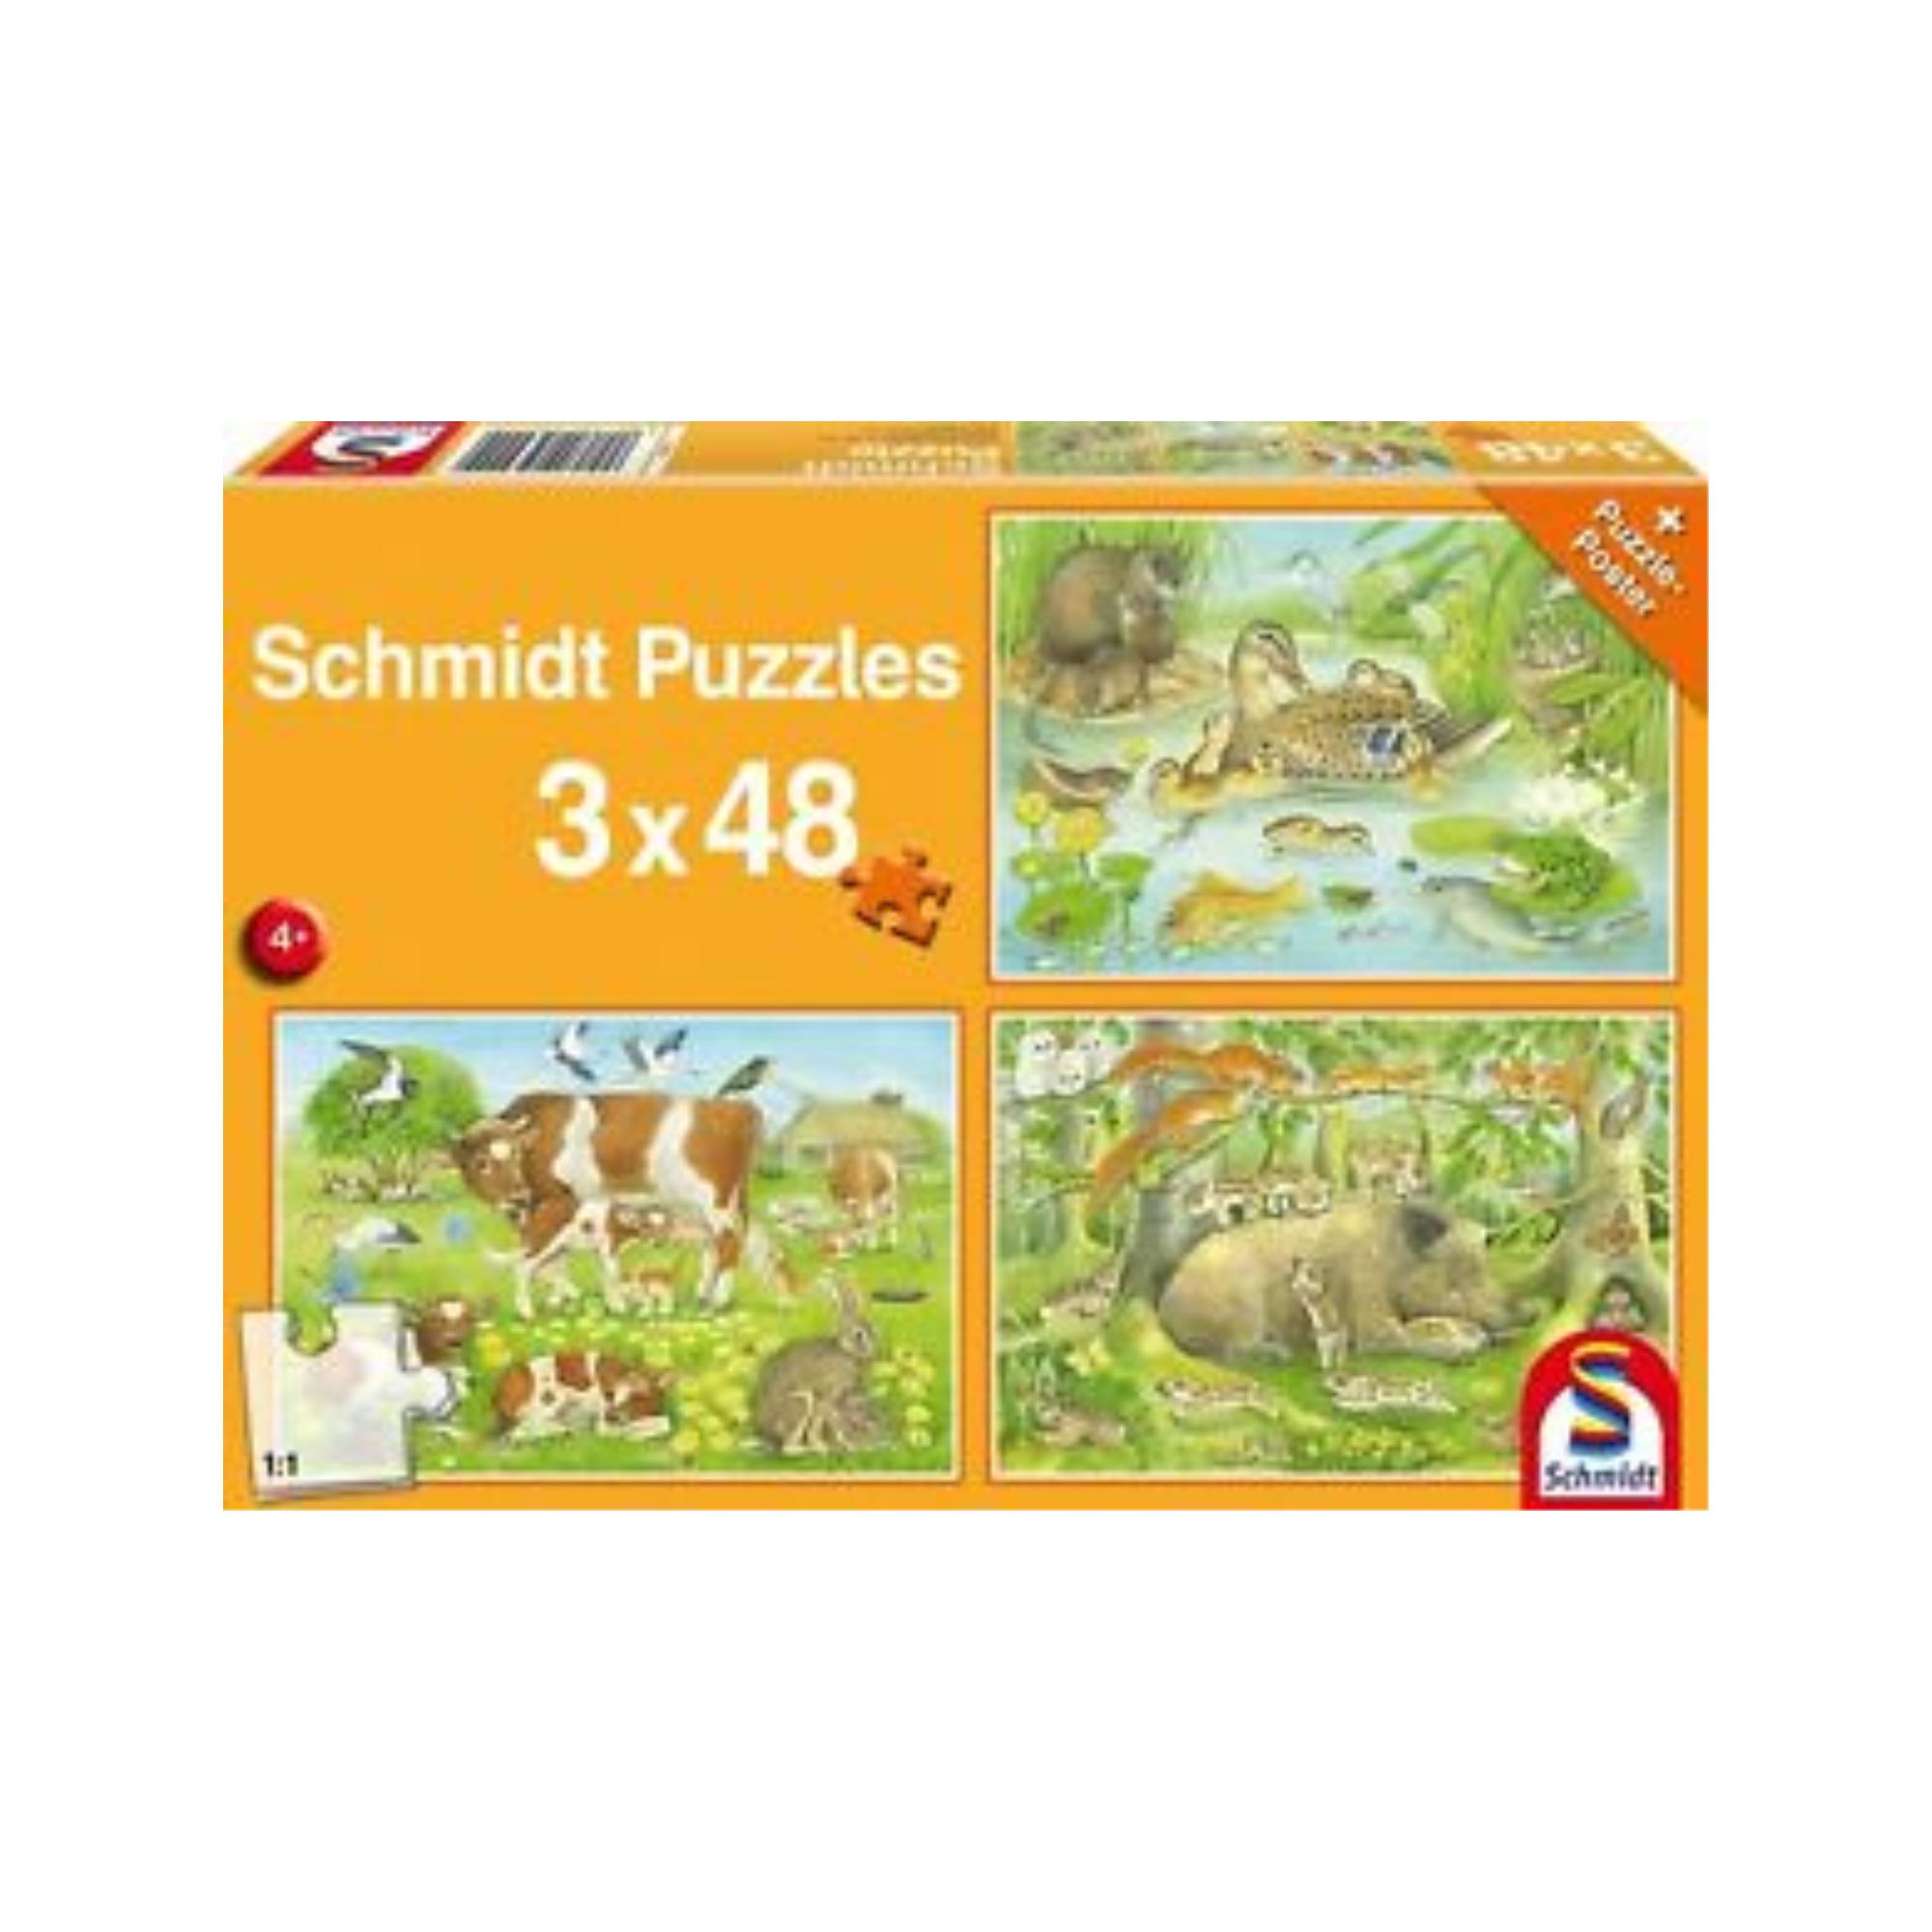 Schmidt Puzzle 3X48: Animal family